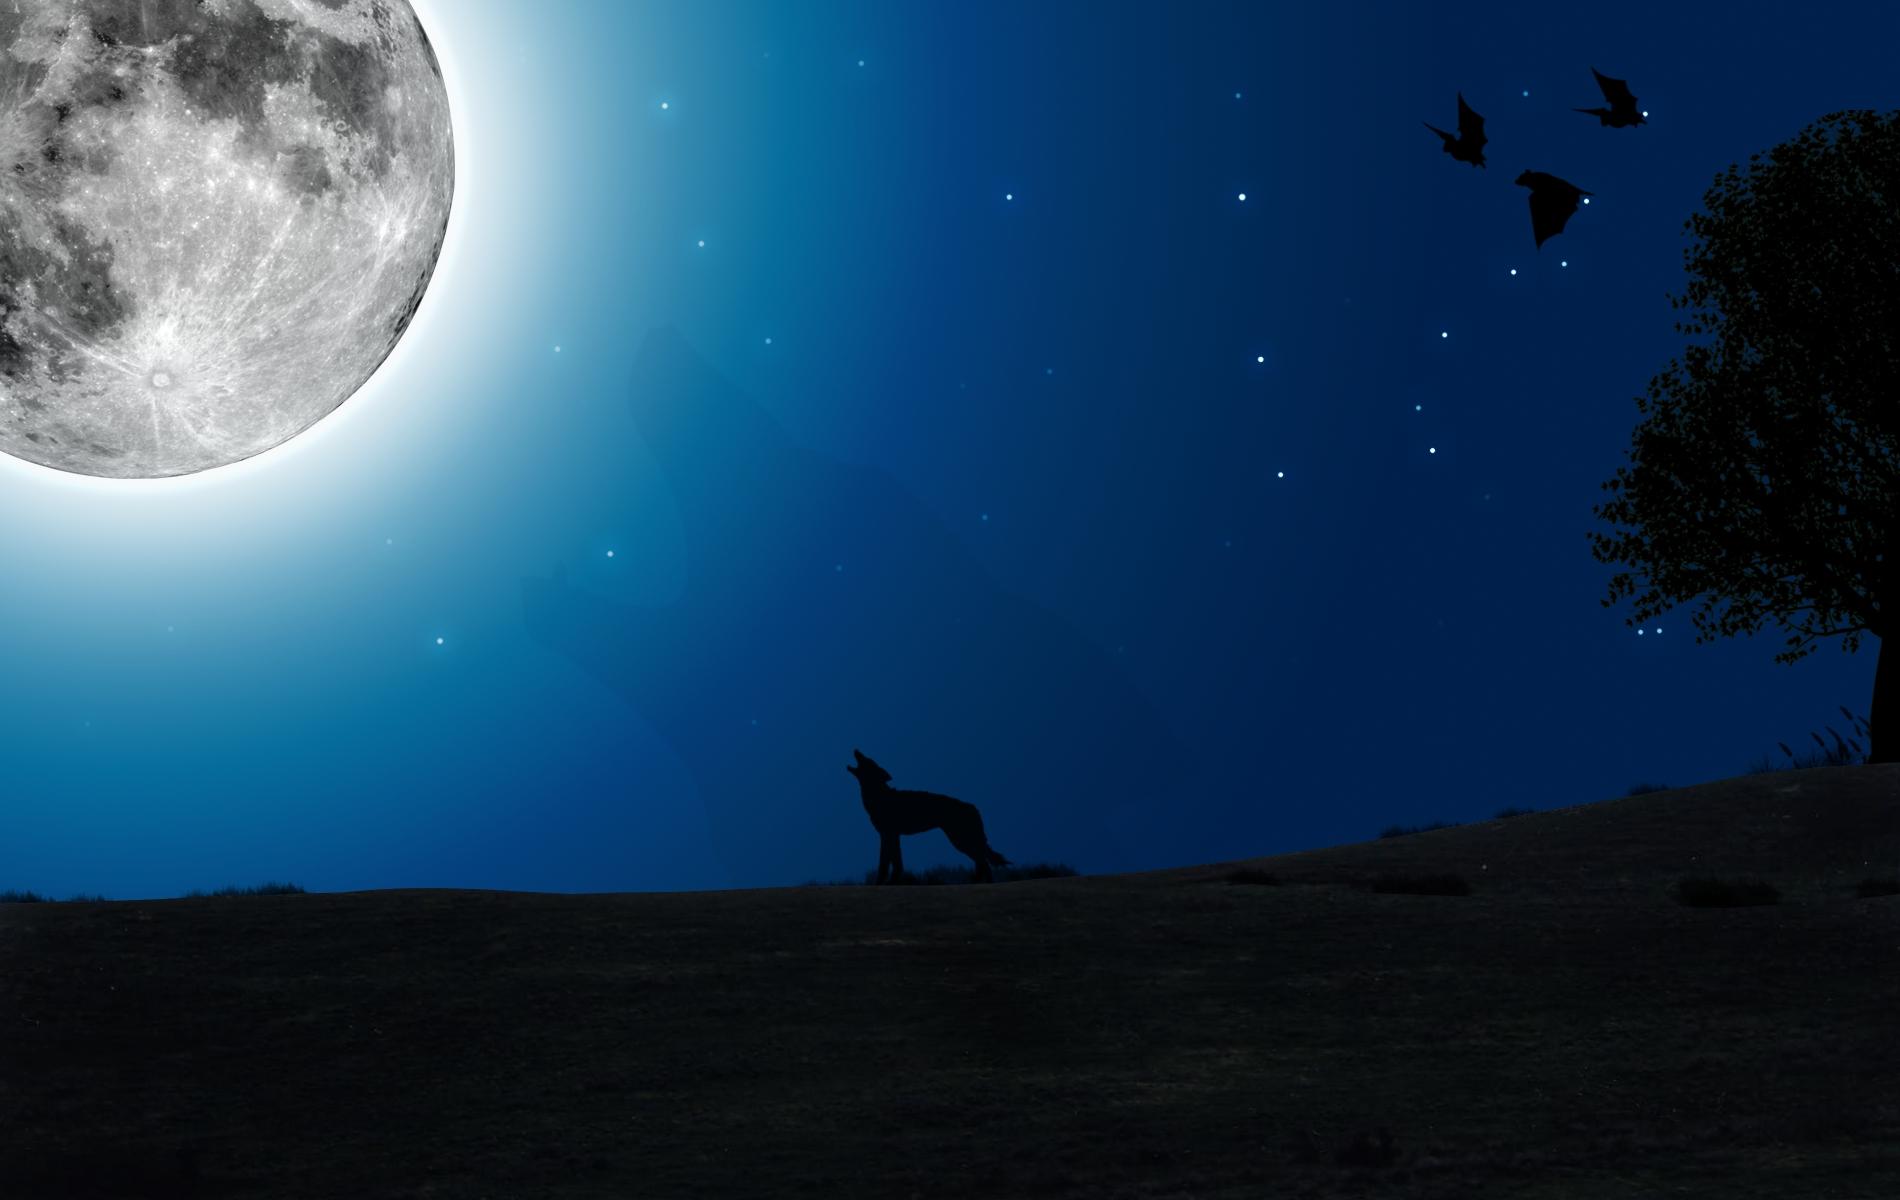 La luna sigue brillando